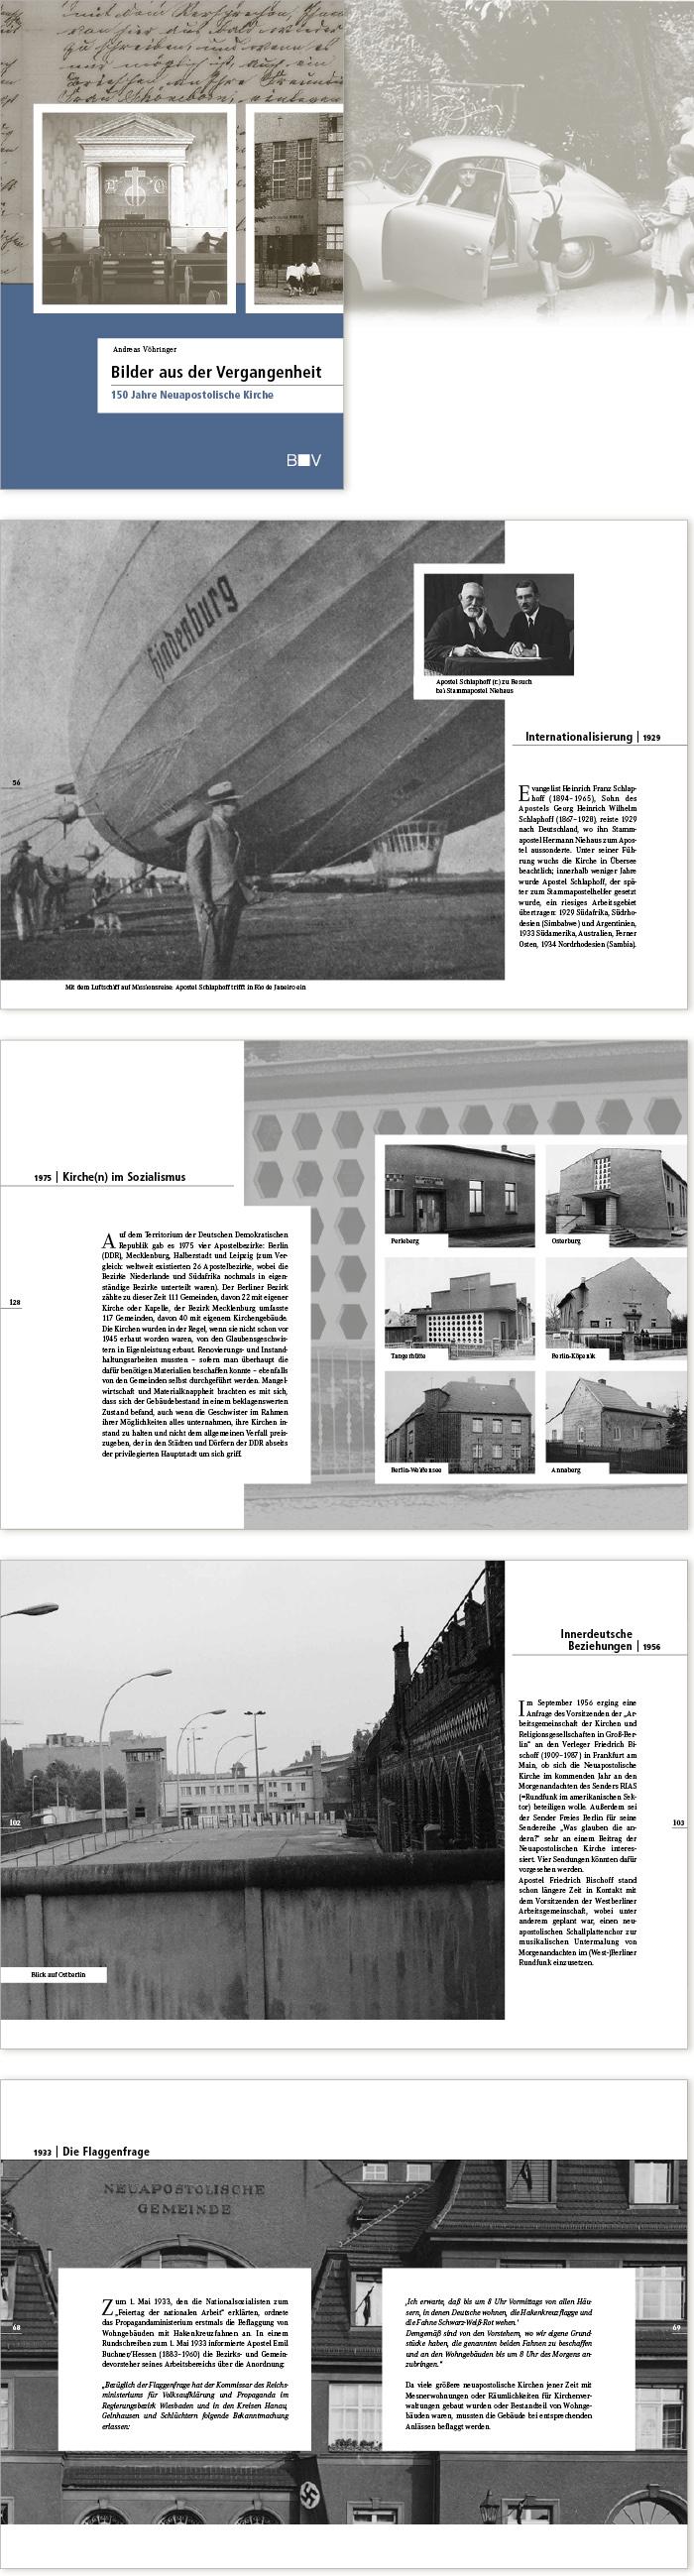 Bischoff Verlag Bilder aus der Vergangenheit Buchgestaltung